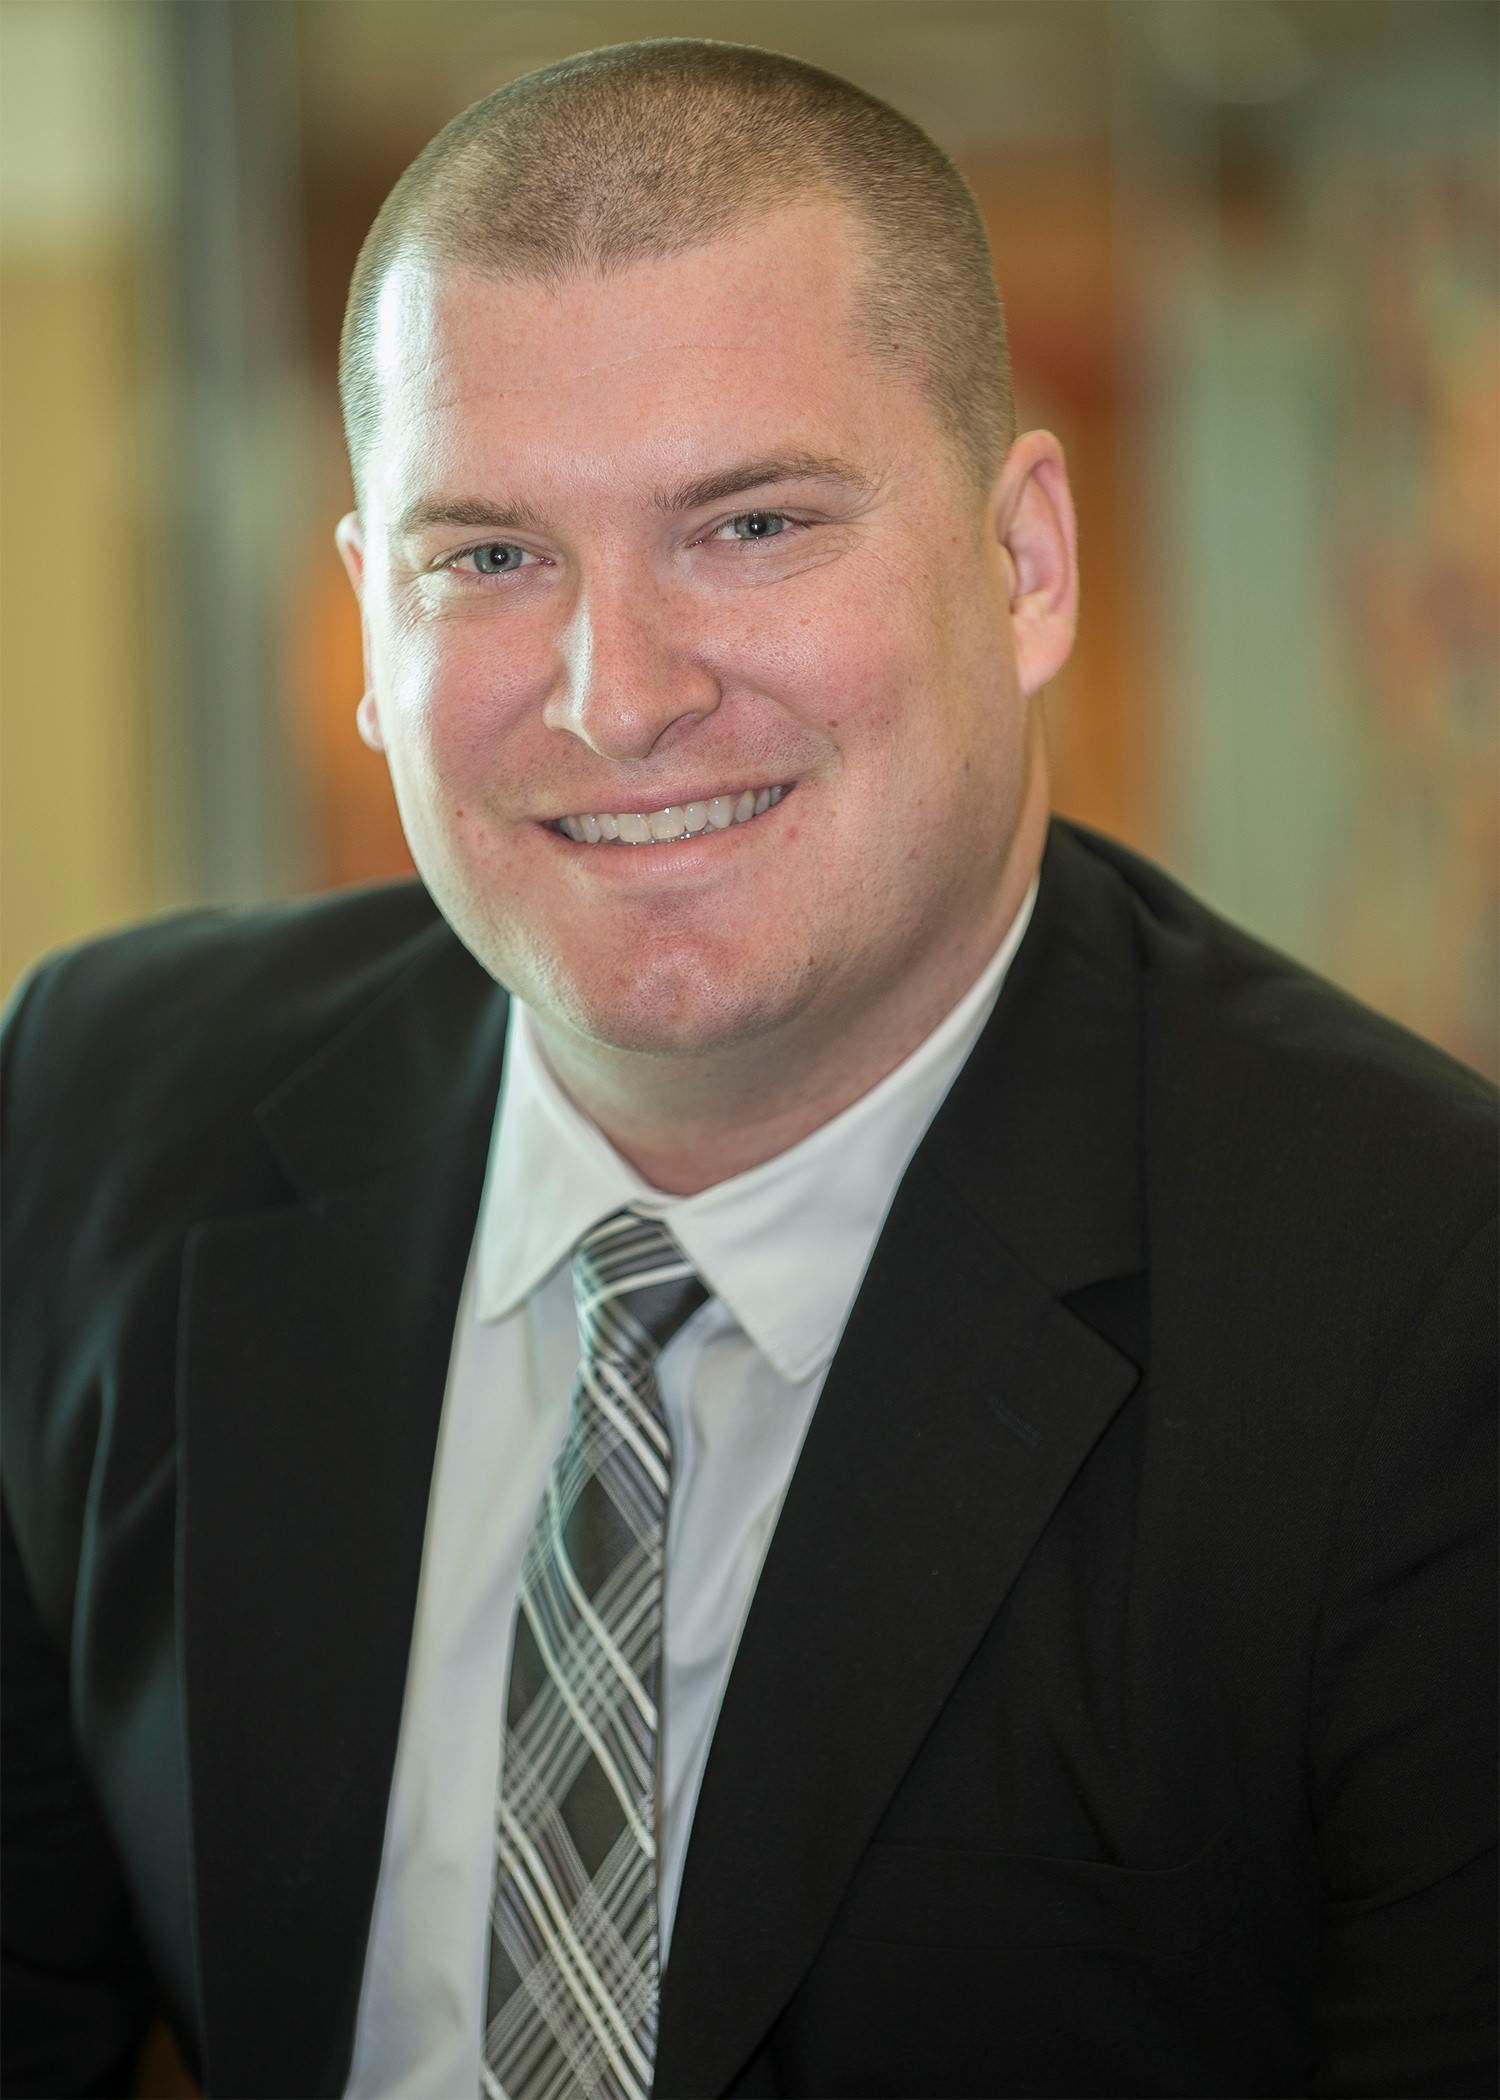 Jeff Osborne